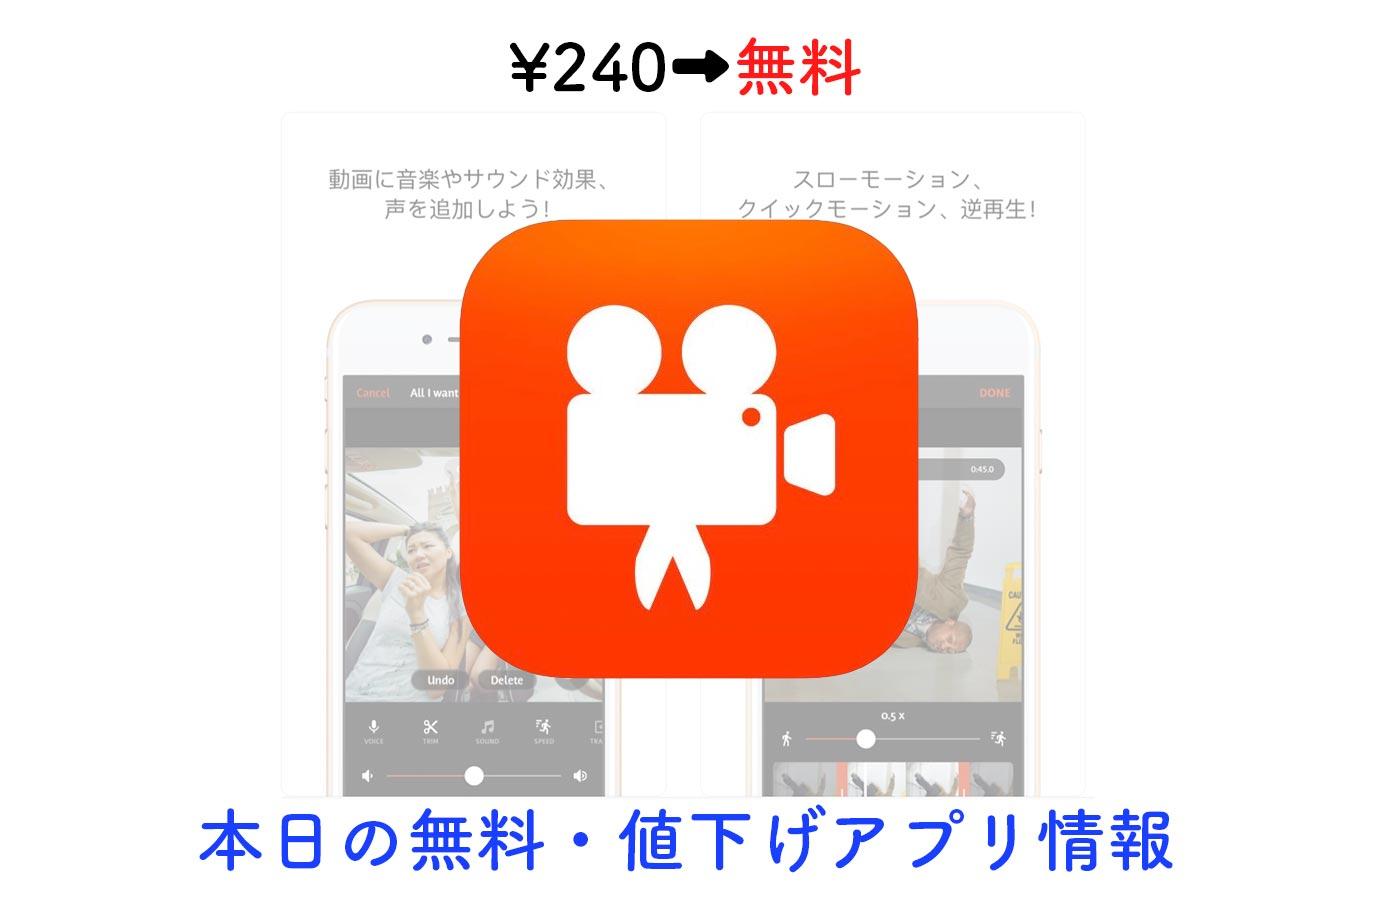 240円→無料、豊富な機能を搭載した動画編集アプリ「Videoshop」など【3/16】セールアプリ情報